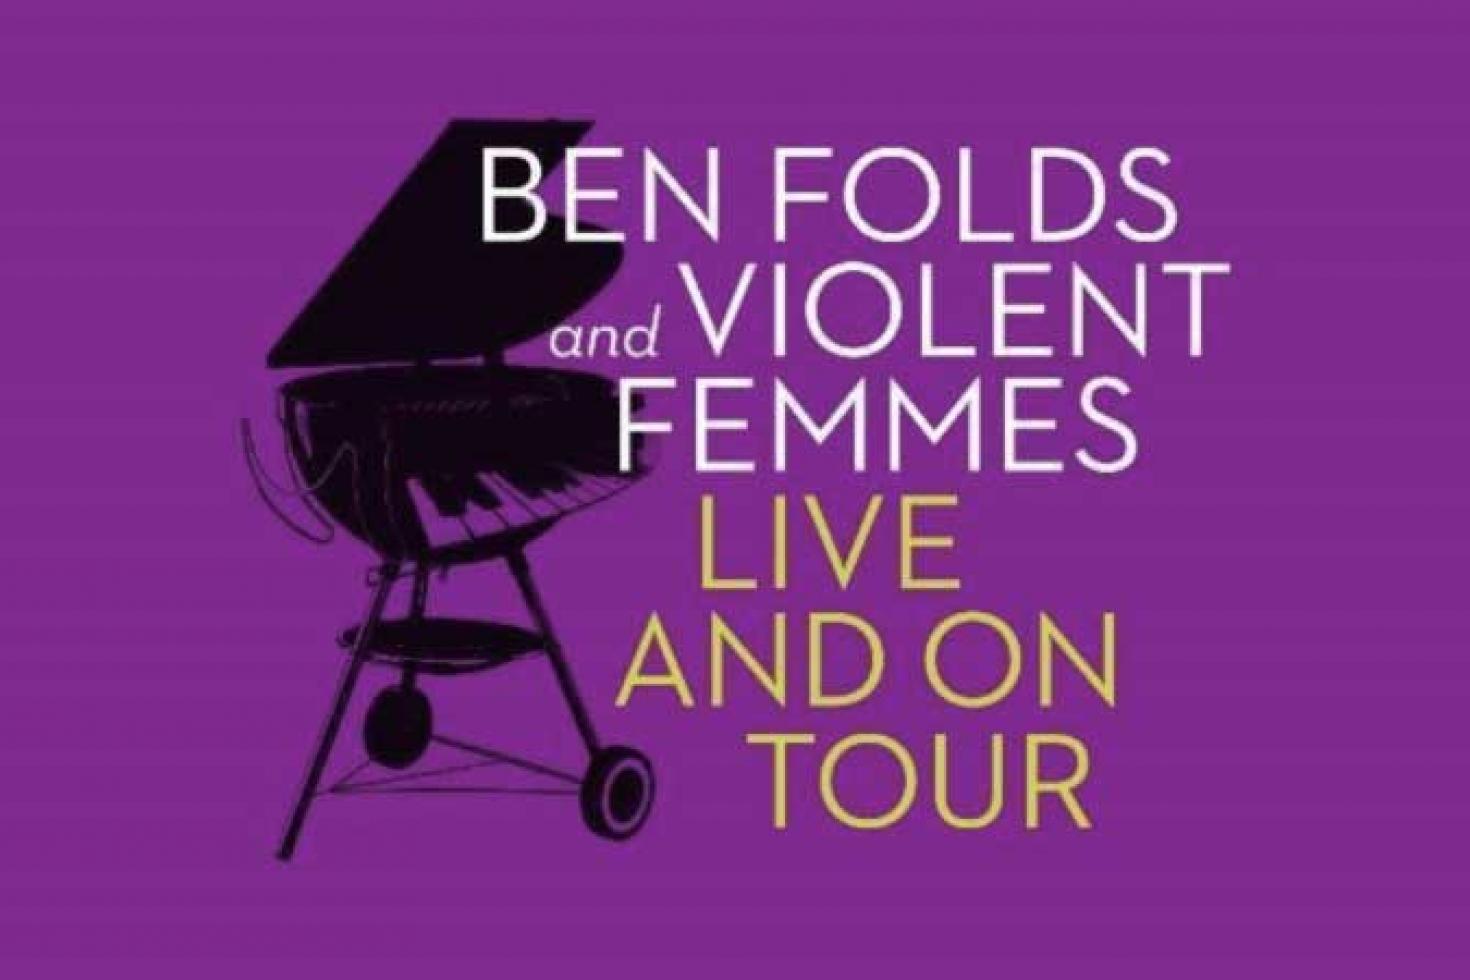 Ben Folds and Violent Femmes announce co-headline tour